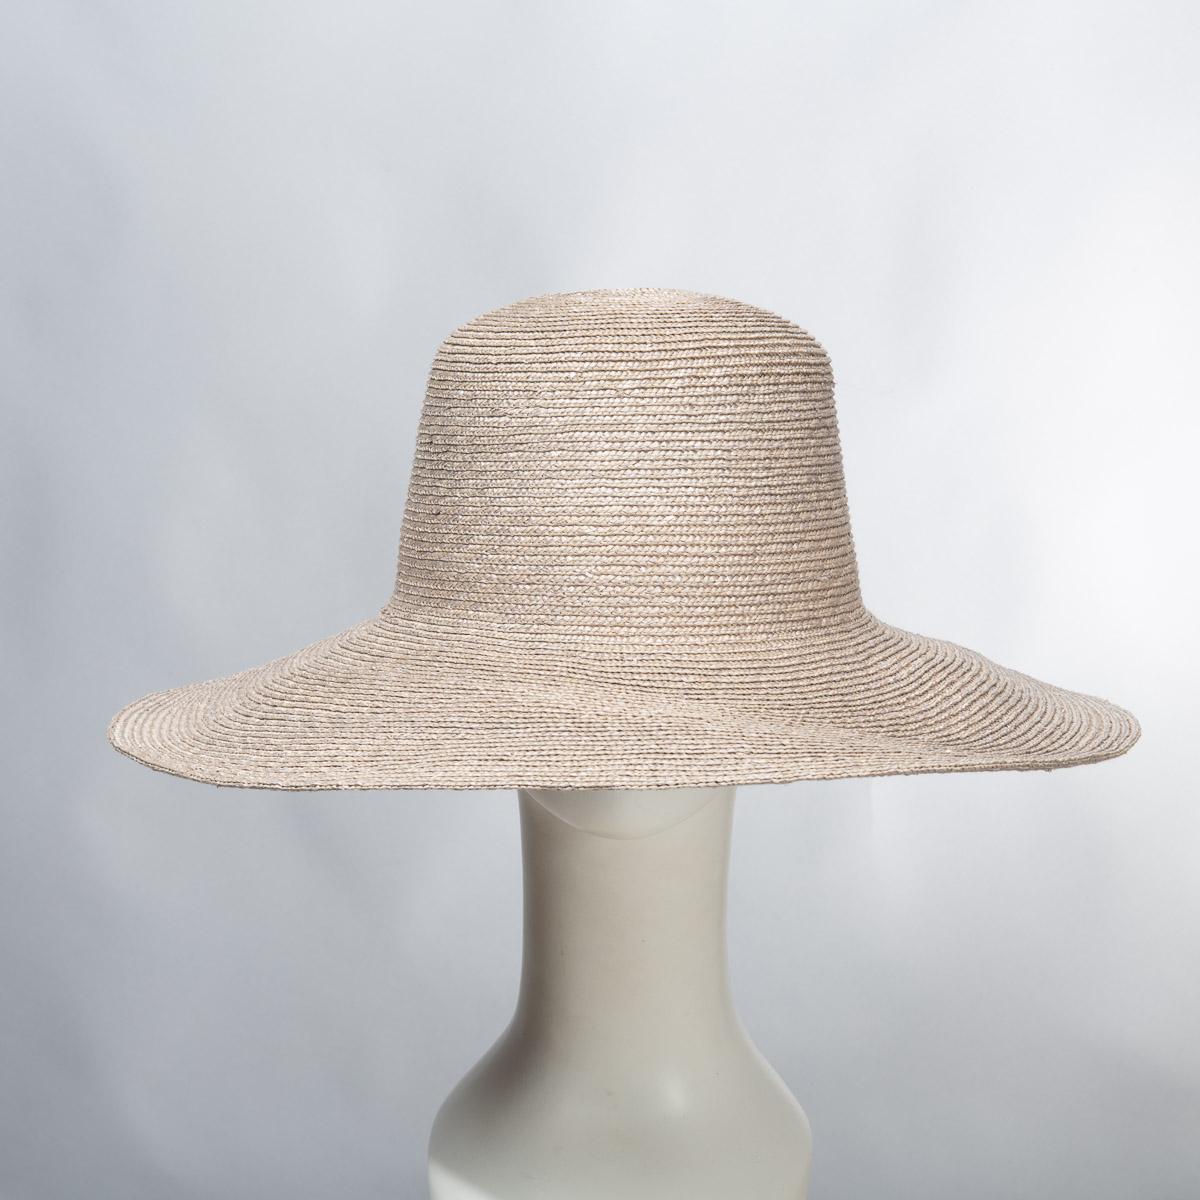 Grey Wide Brim Milan Straw Hat Bodies-BR72 5MM-5-GY- Sun Yorkos  842f6874bda6